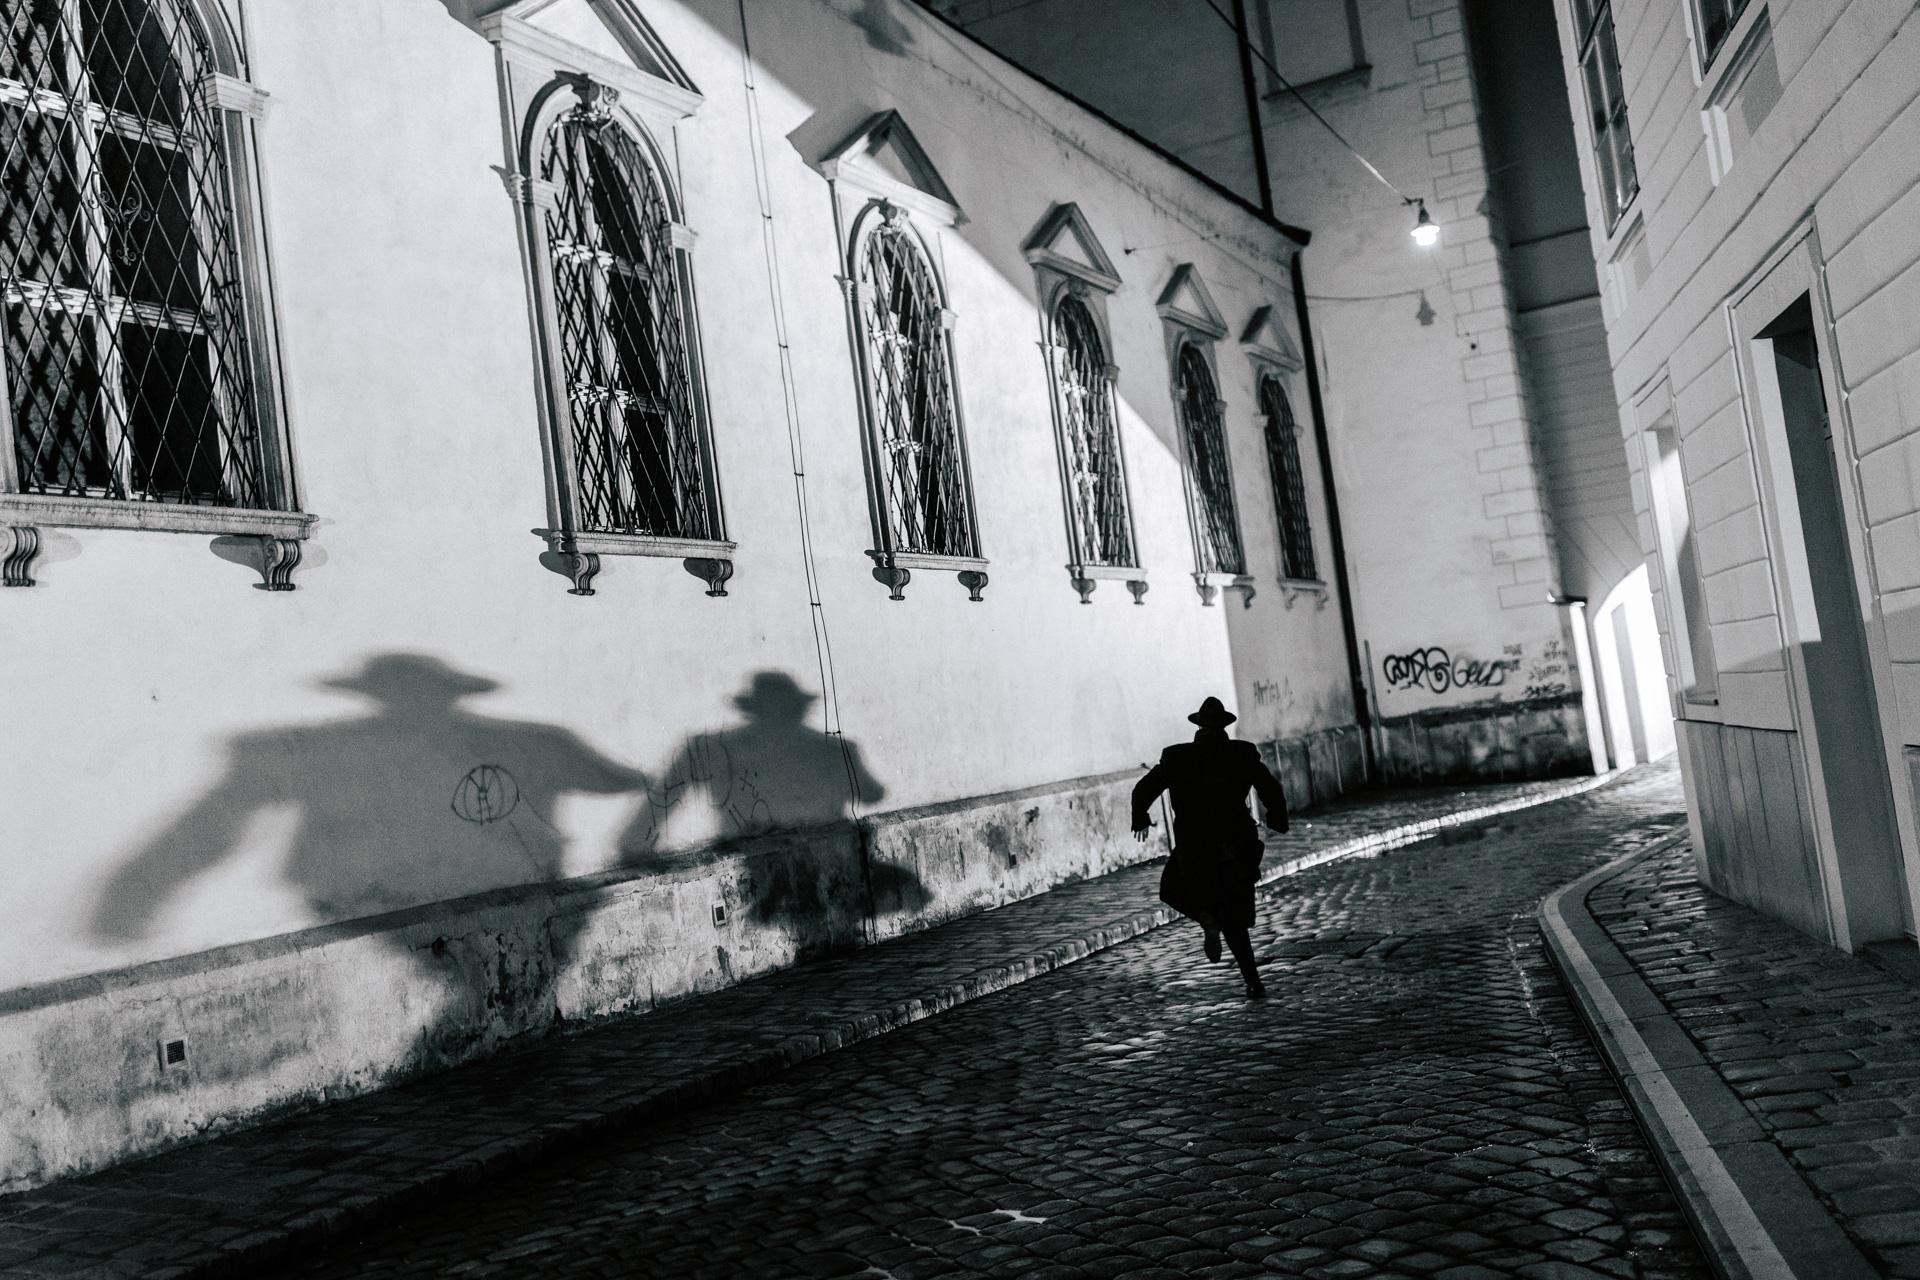 Schatten datiert amy